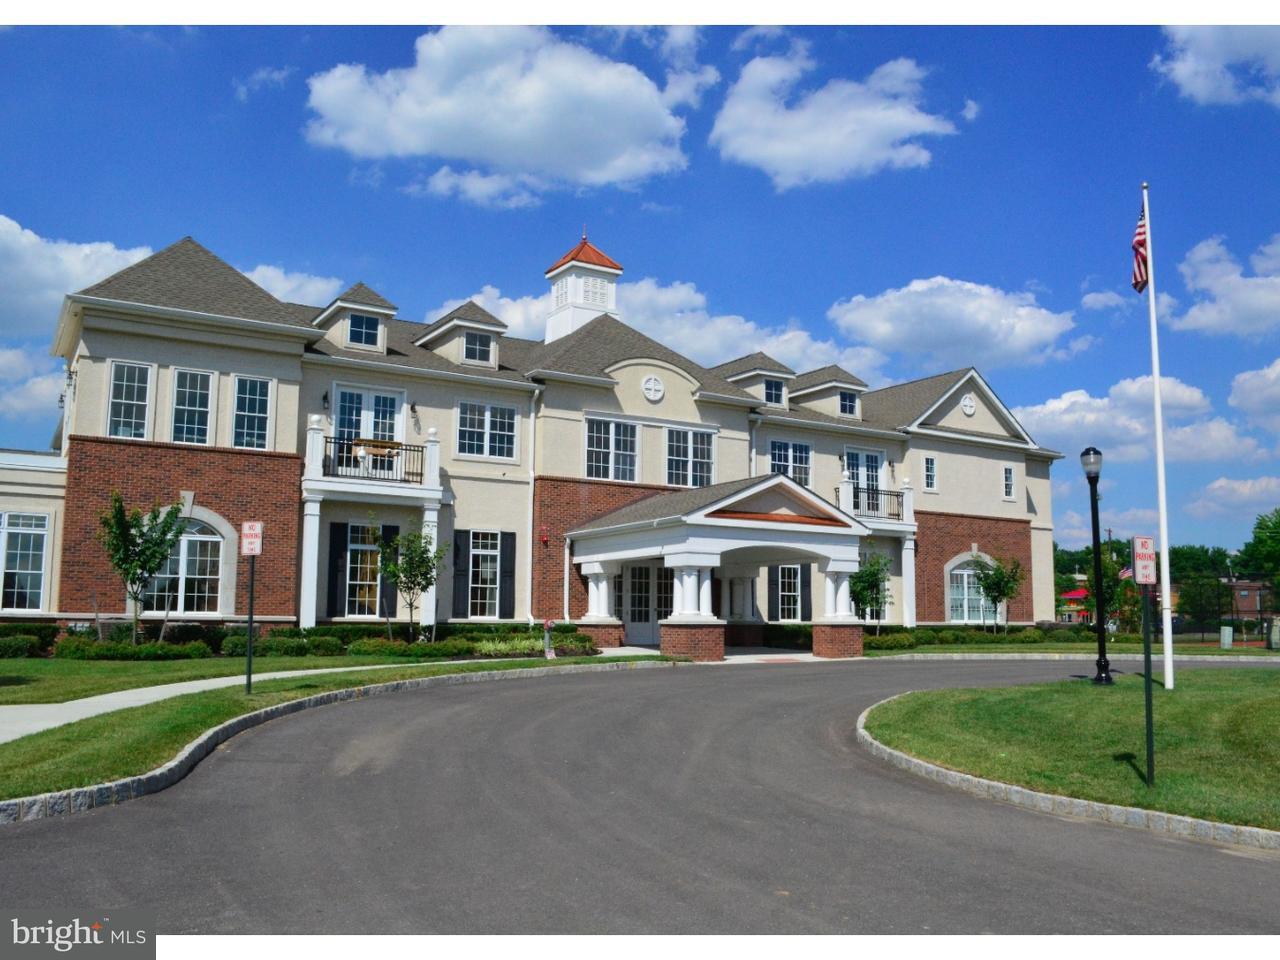 Частный односемейный дом для того Аренда на 430 CITATION LN #430 Cherry Hill, Нью-Джерси 08002 Соединенные Штаты